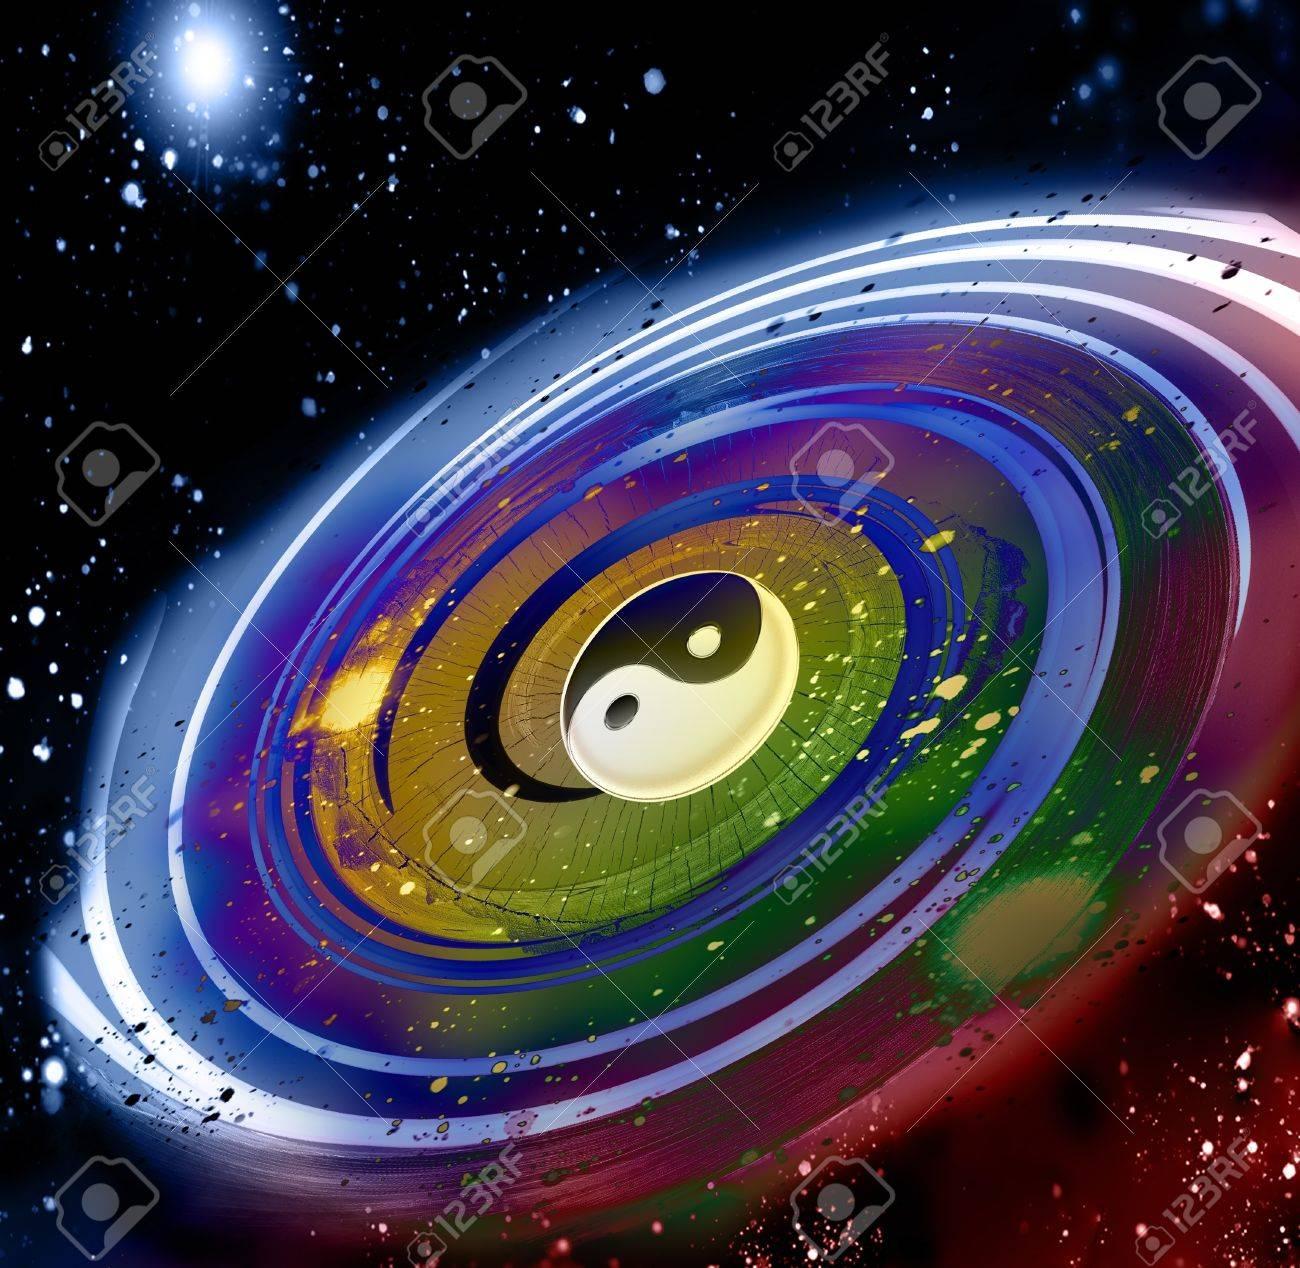 Universe of feng shui - 8255238